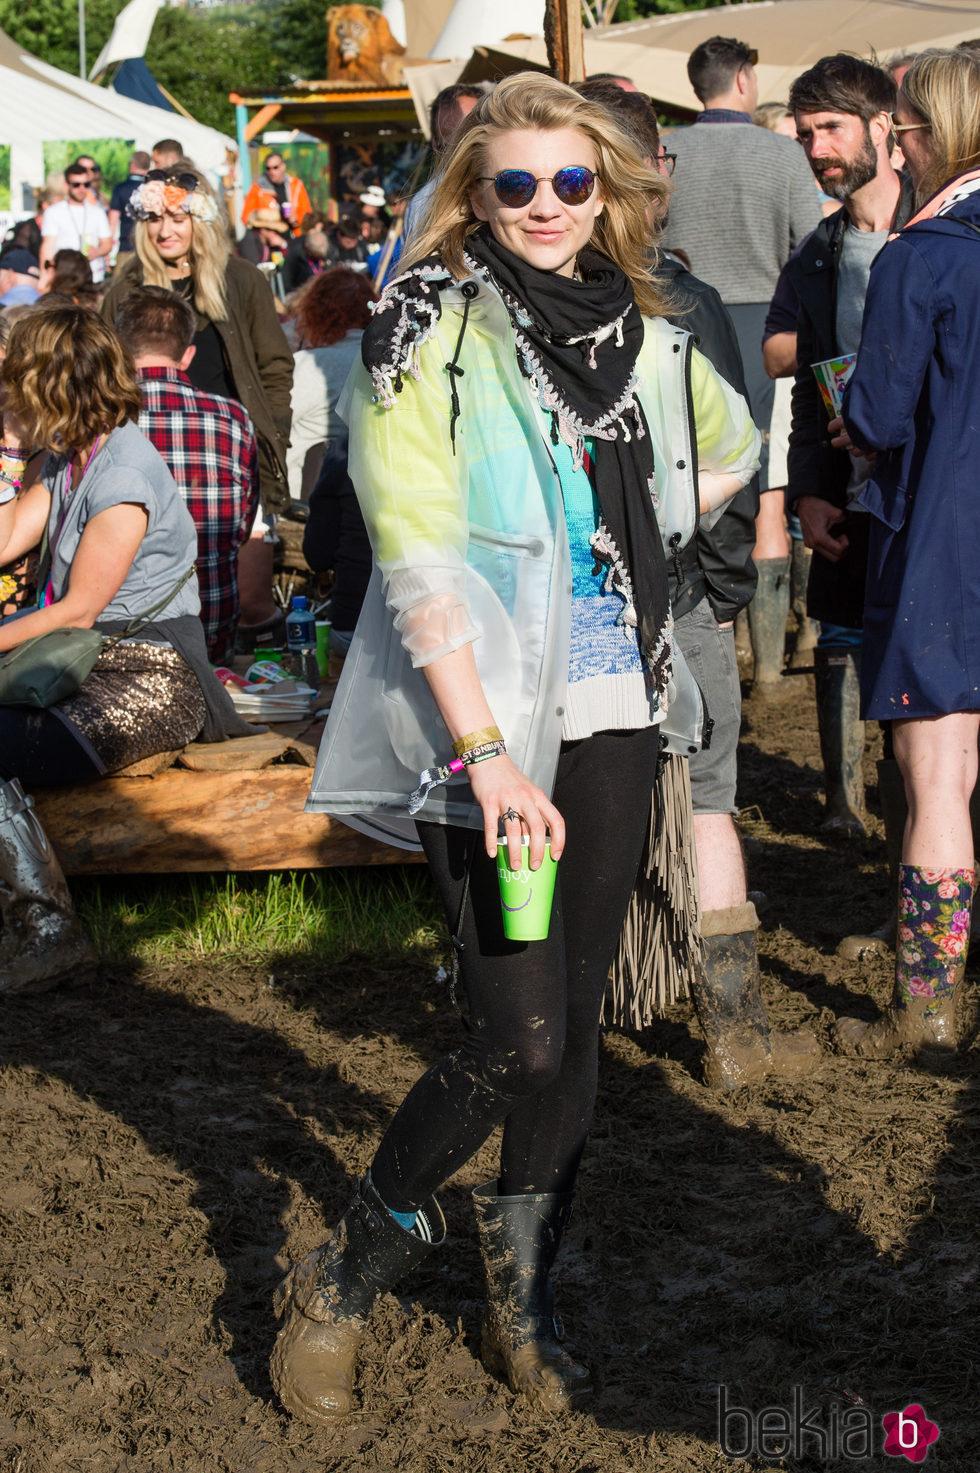 Natalie Dormer en el festival de Glastonbury 2016